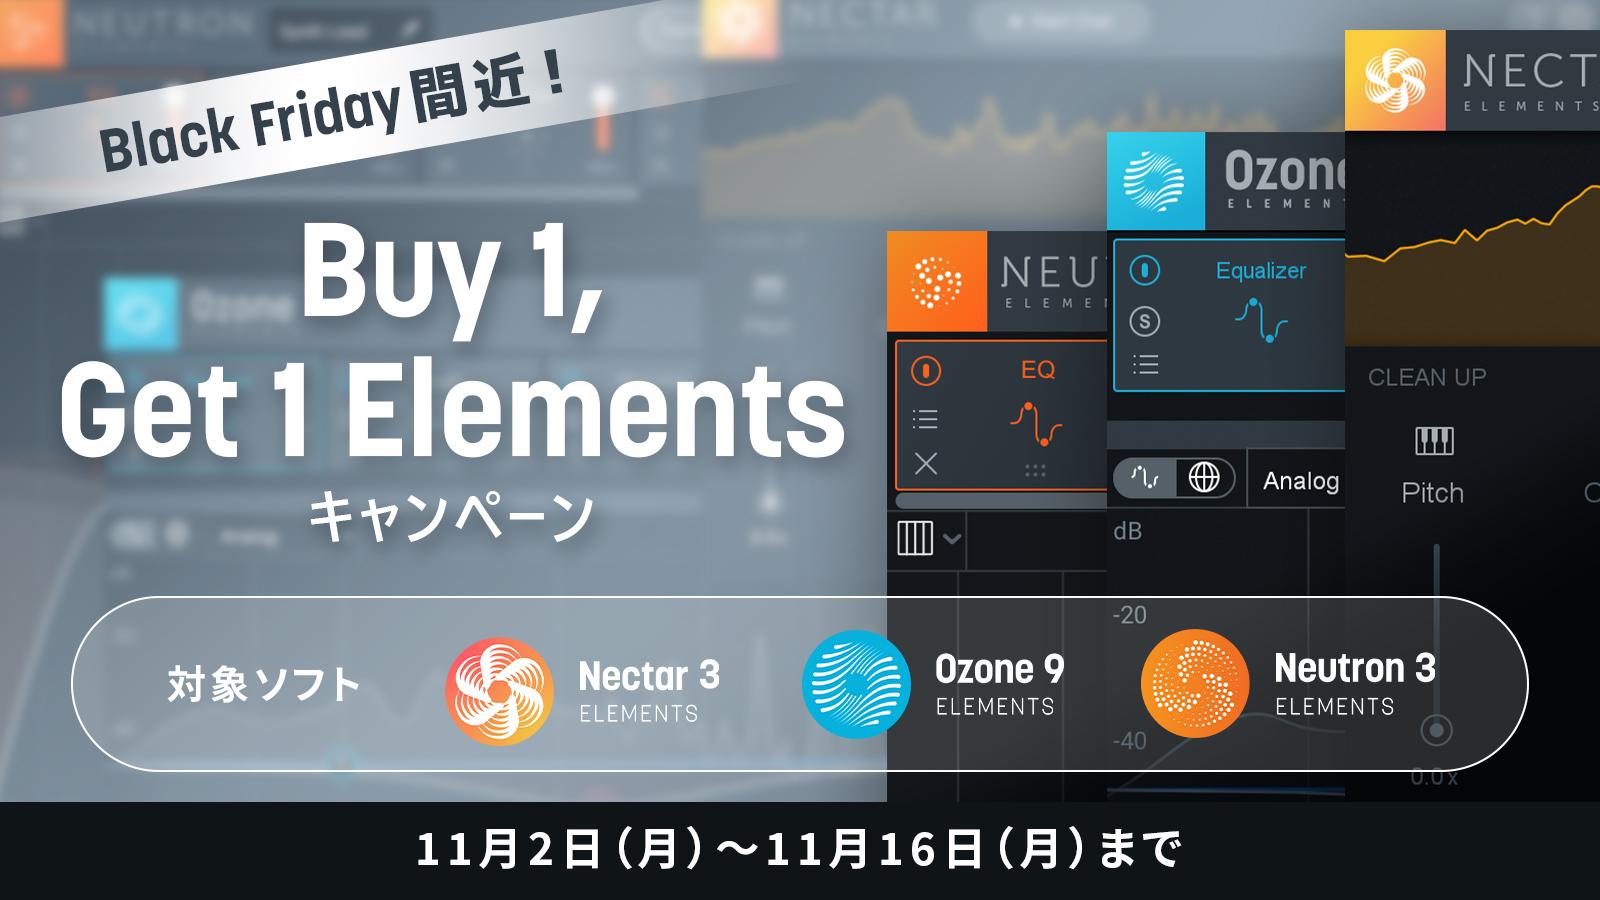 国内iZotopeディーラーでソフトウェア製品を購入すると、Elementsシリーズ3製品から選んで1つもらえる!